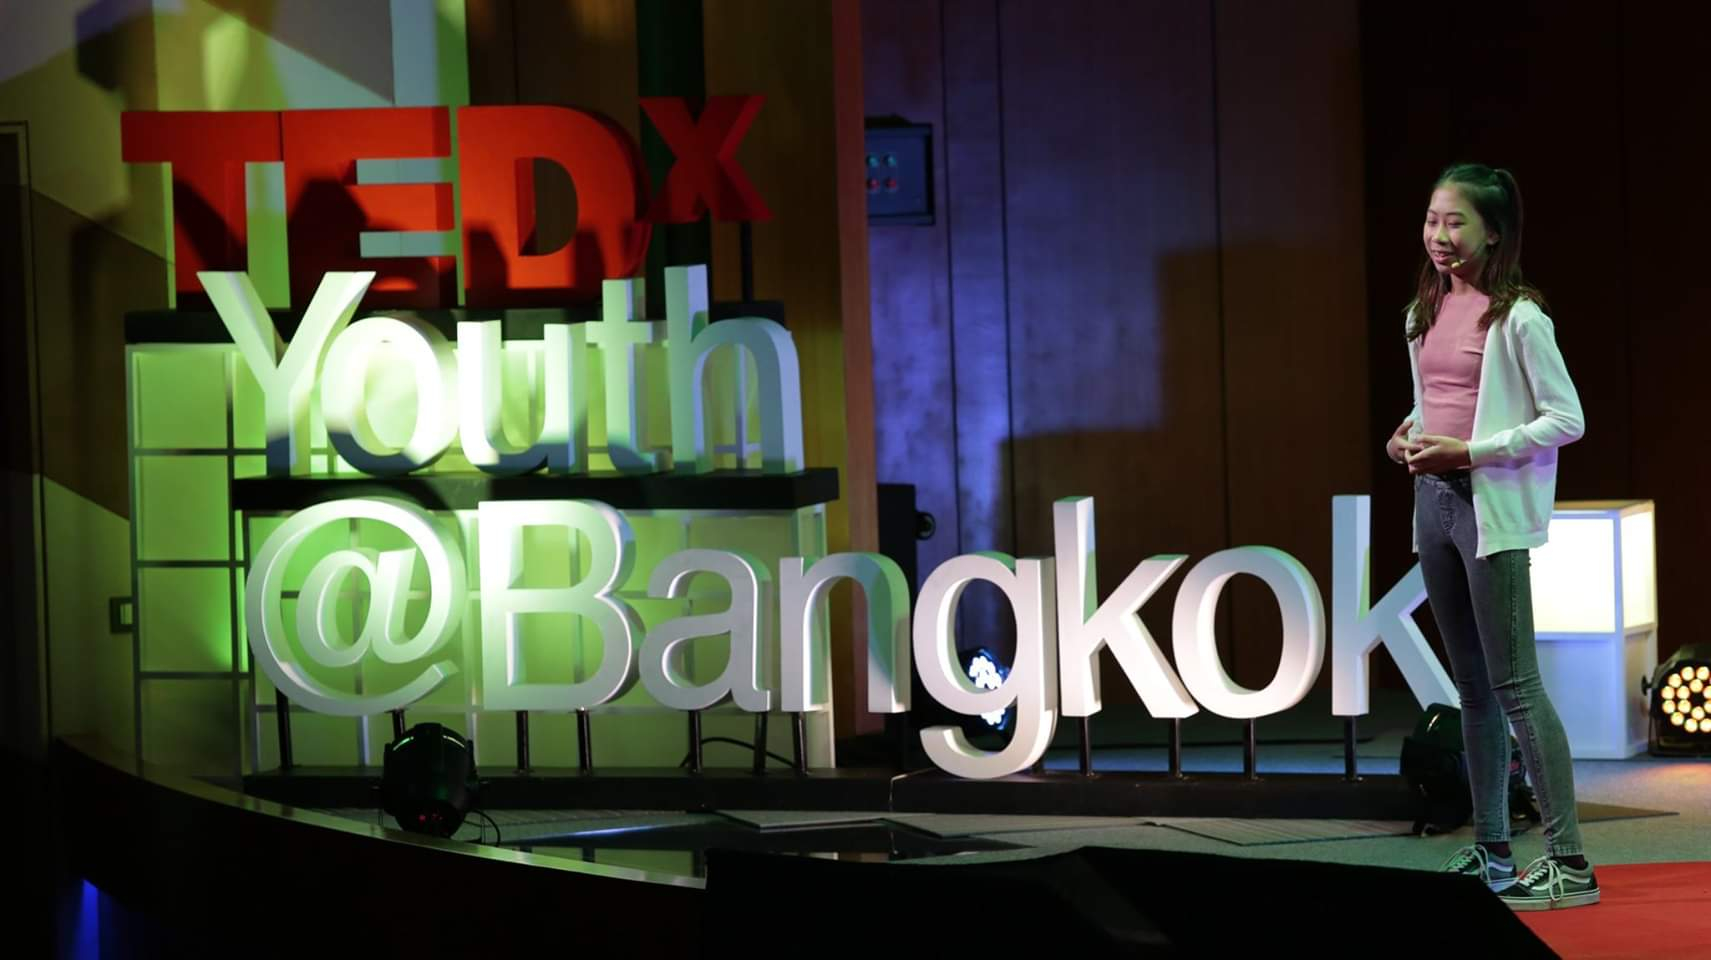 태국의 12세 환경활동가 '릴리'가 지난 17일 태국 방콕에서 열린 TEDxYouth@Bangkok 행사에서 발표 중인 모습. [사진 페이스북 'Bye Bye Plastic Bags Thailand']